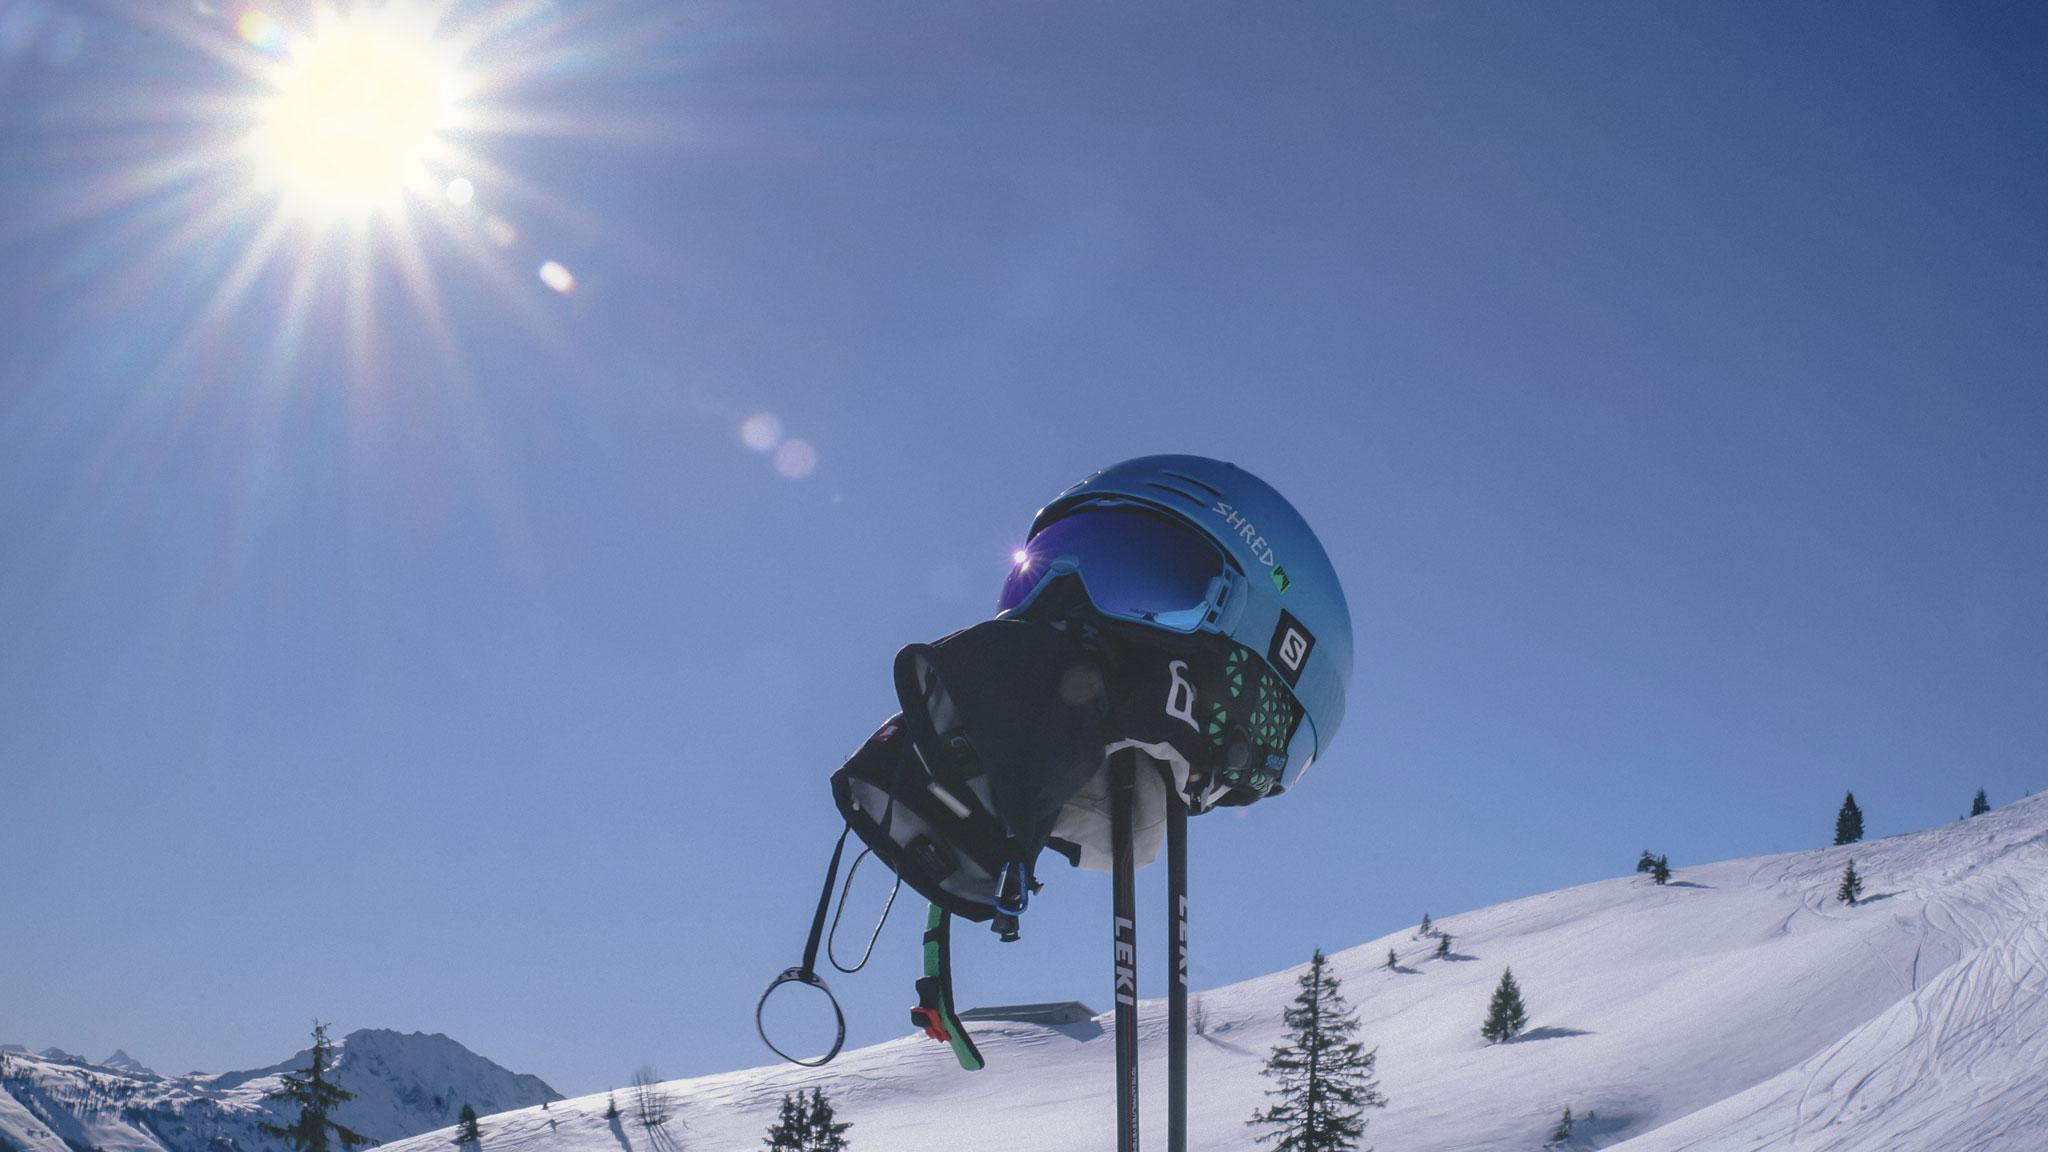 Отправляясь кататься на лыжах, возьмите с собой шлем и очки — последние лучше убрать в ручную кладь, чтобы не повредить при транспортировке.Фото: pixabay.com